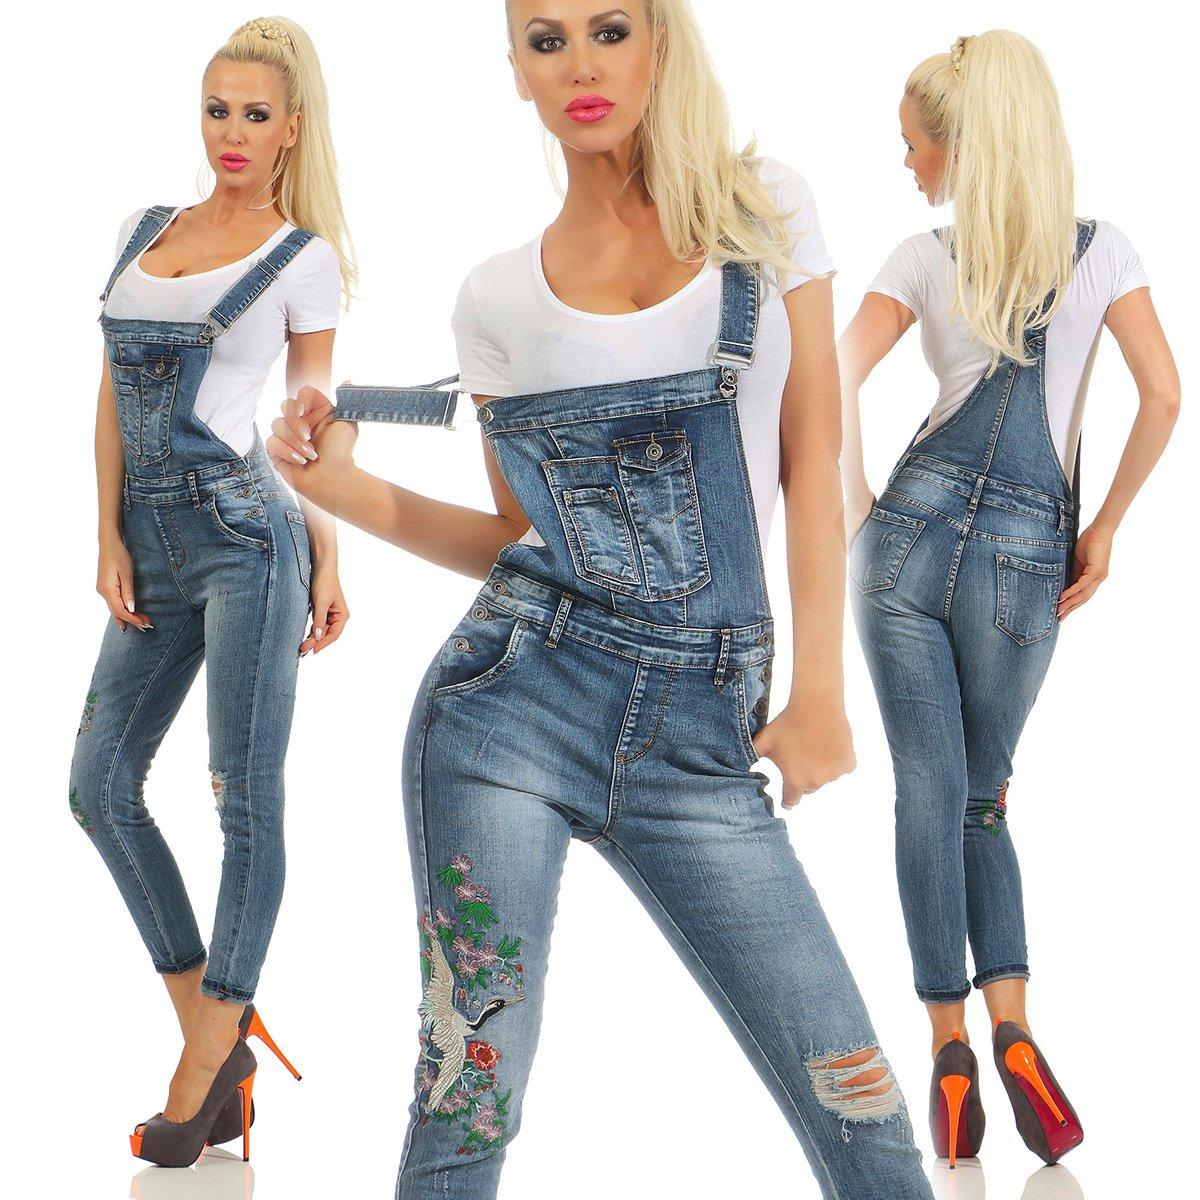 Fashion4Young 5193 Damen Jeans Latzhose Röhrenjeans Latzjeans Damenlatzhose Boho Slimline Slim fit